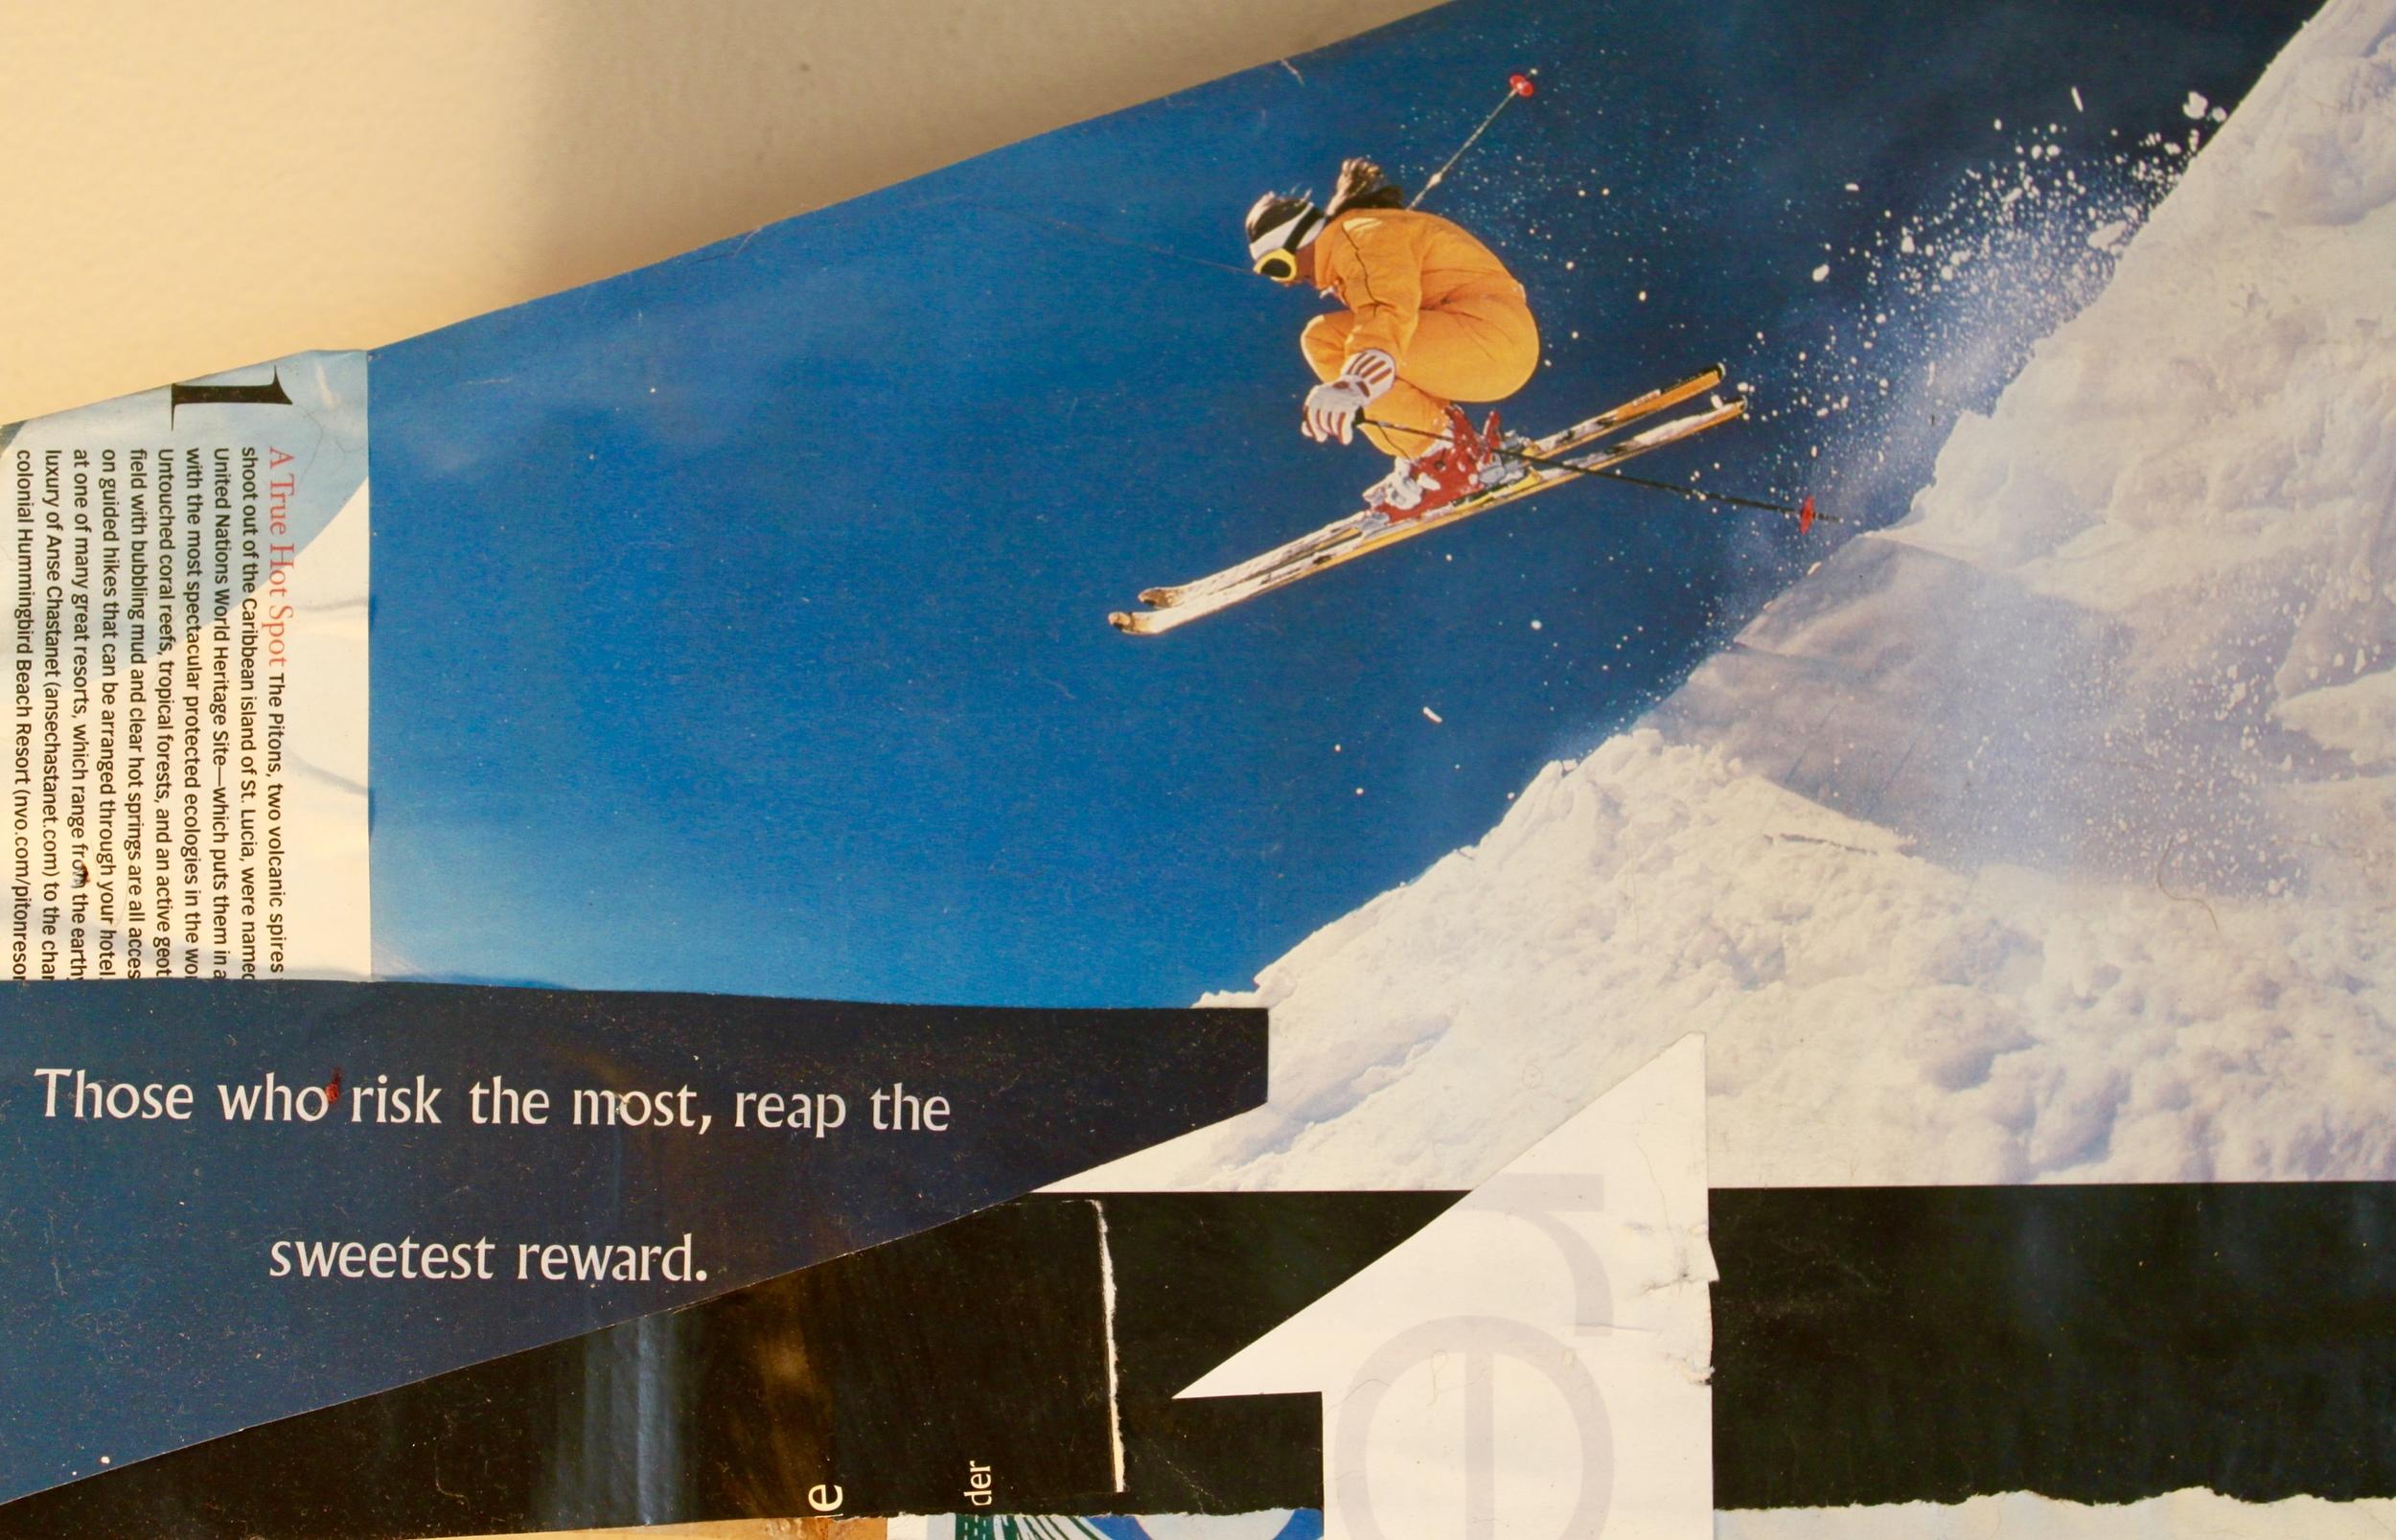 I dream of skiing again.